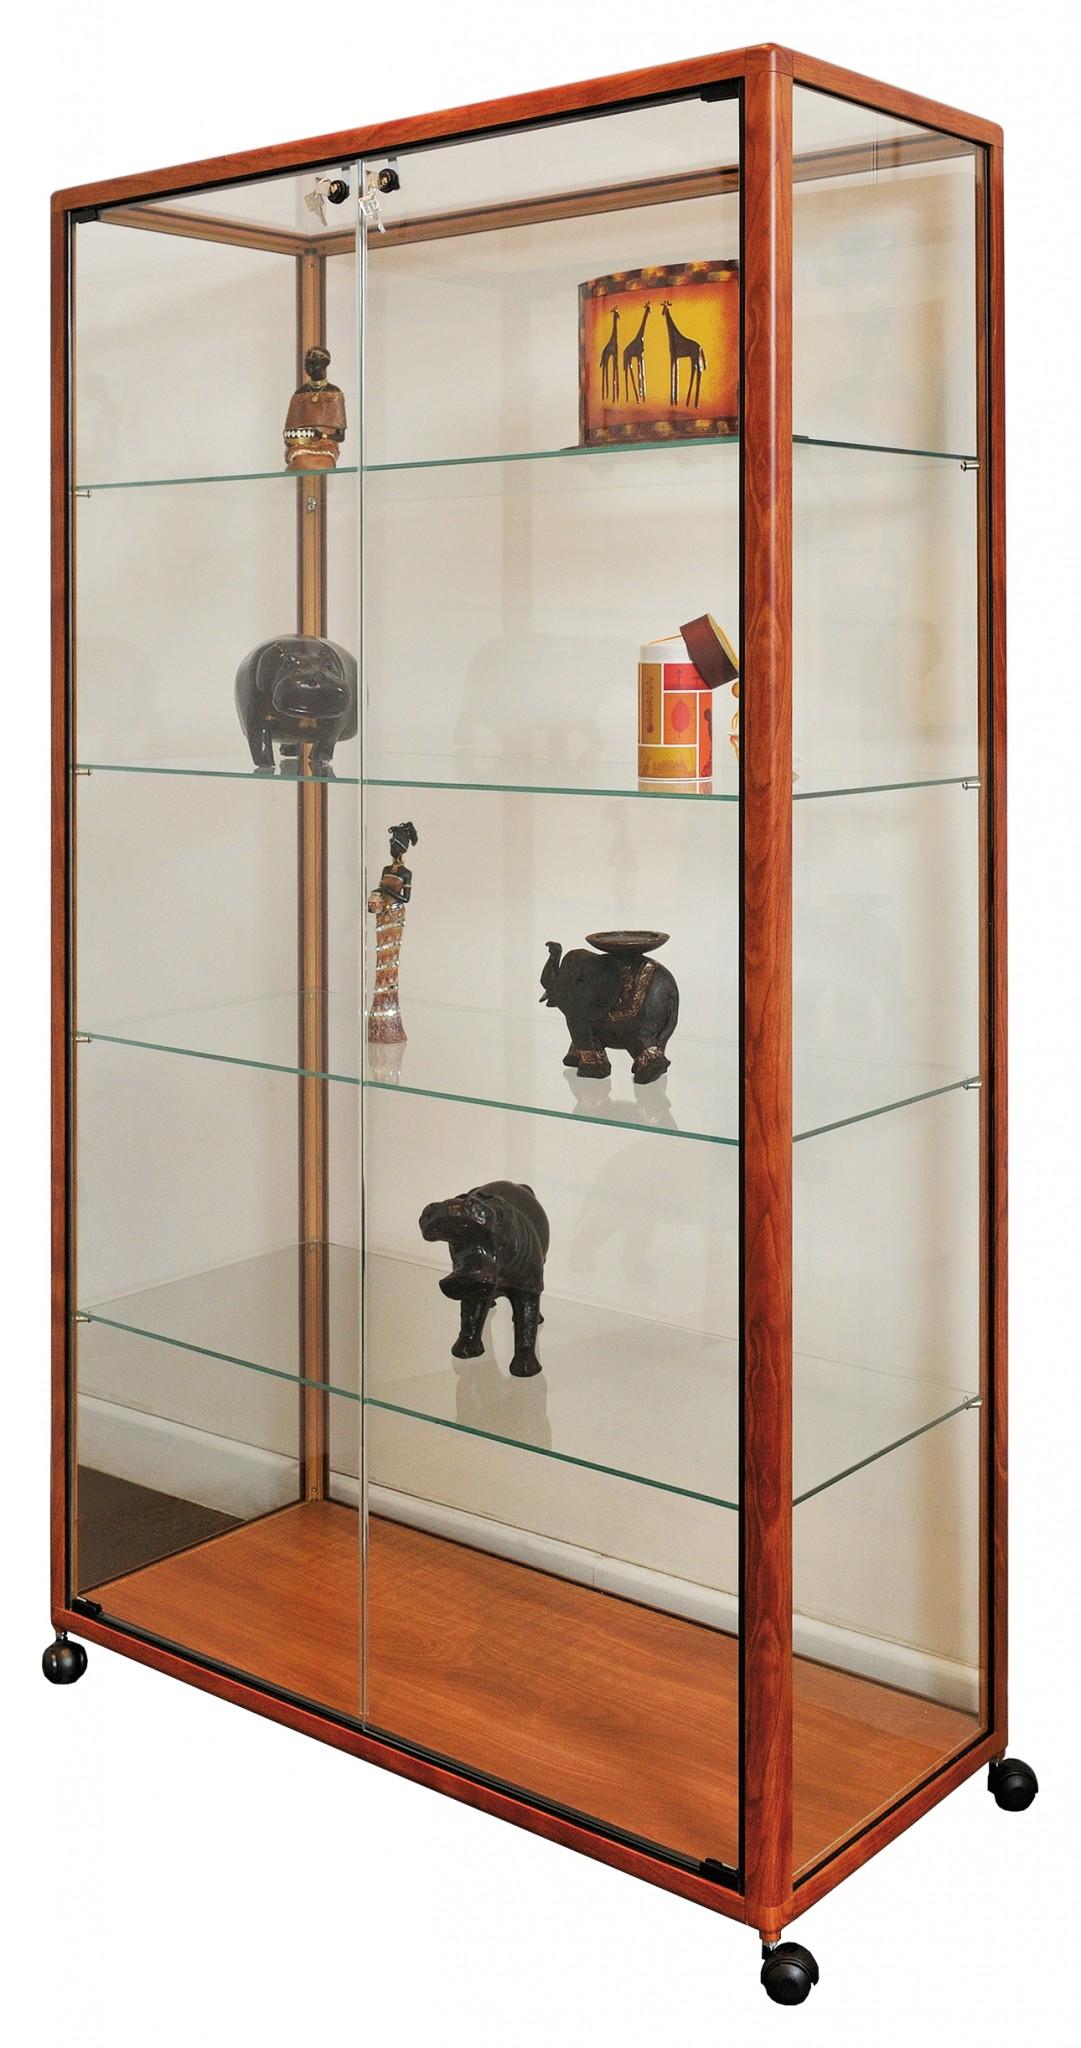 vitrines d exposition abc diffusion mobiliers d 39 am nagement de bureaux. Black Bedroom Furniture Sets. Home Design Ideas